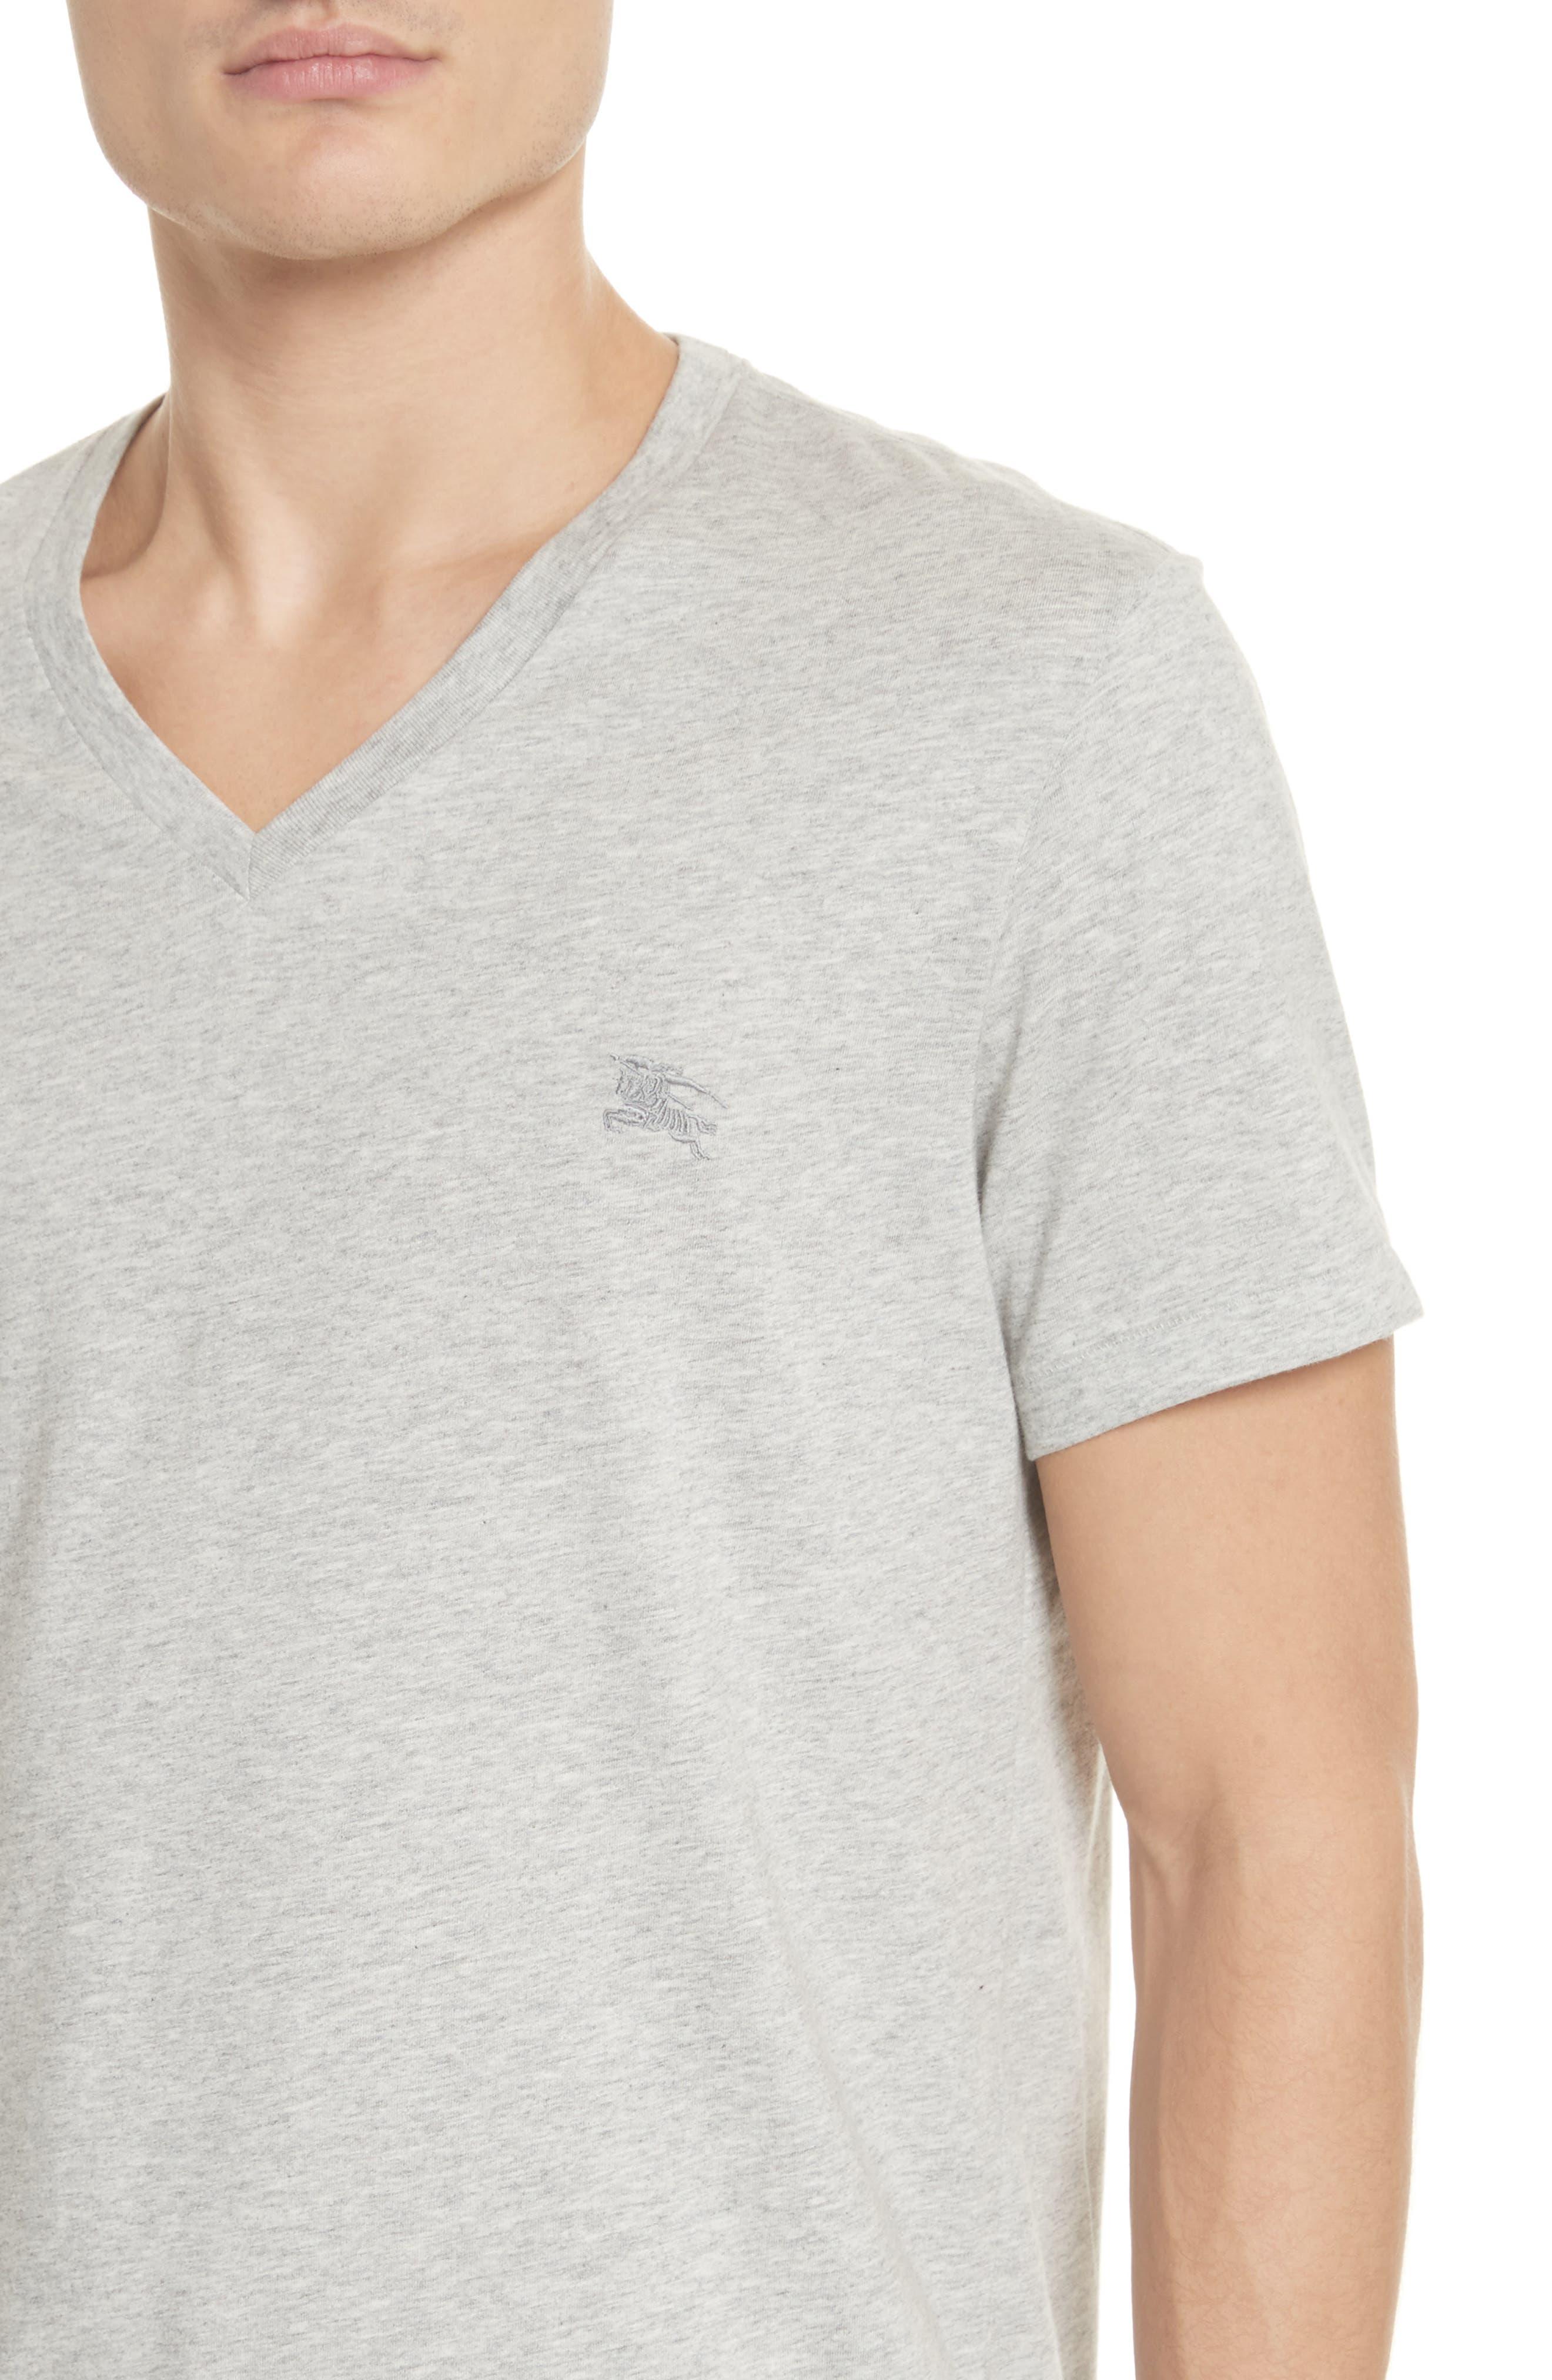 Jadforth V-Neck T-Shirt,                             Alternate thumbnail 4, color,                             PALE GREY MELANGE